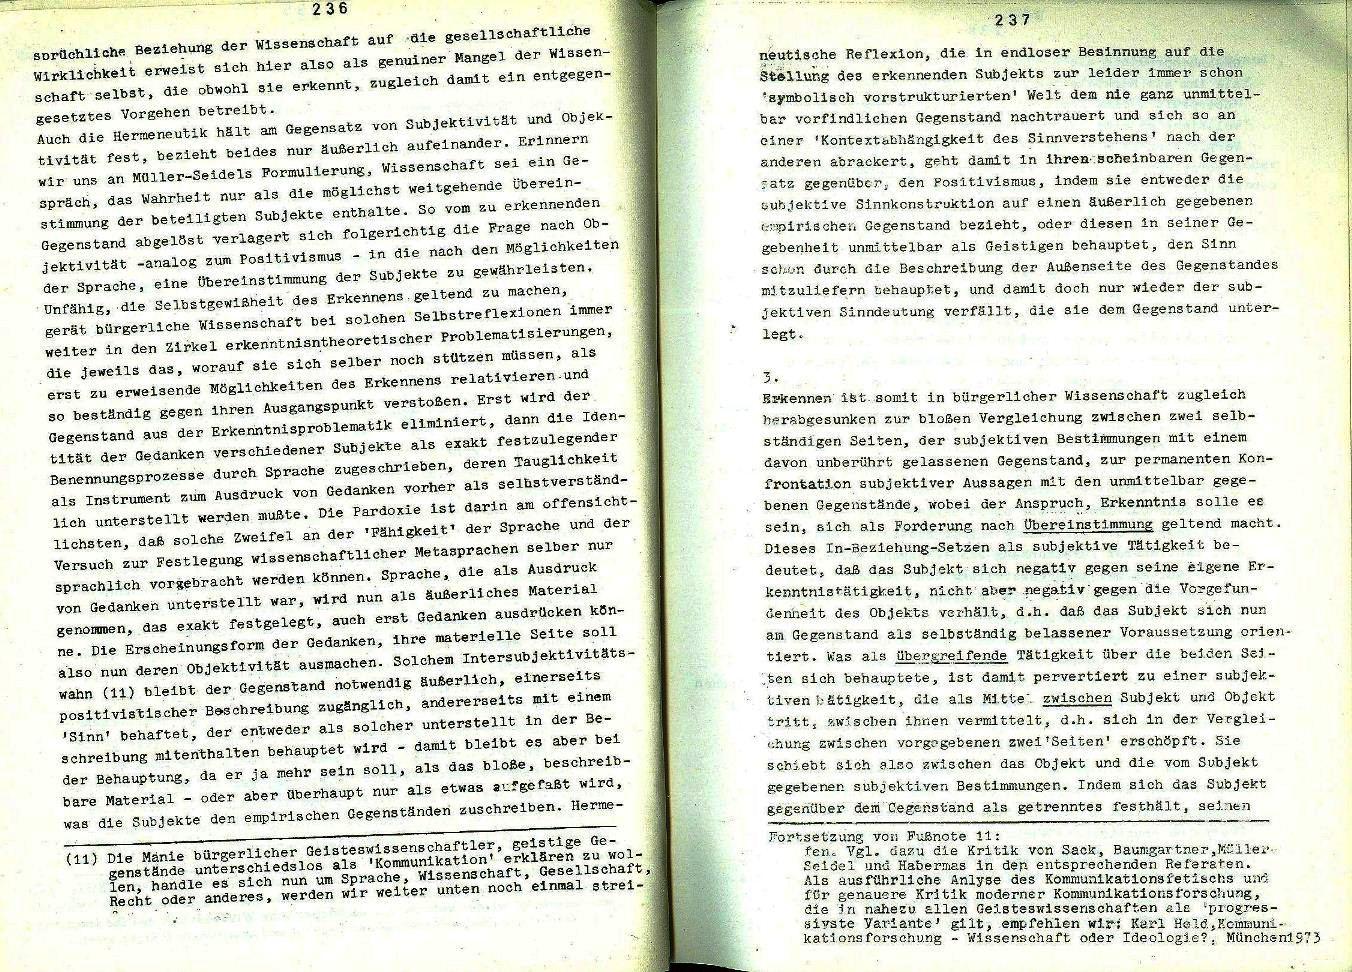 Muenchen_AK_Sozialistisches_Studium123